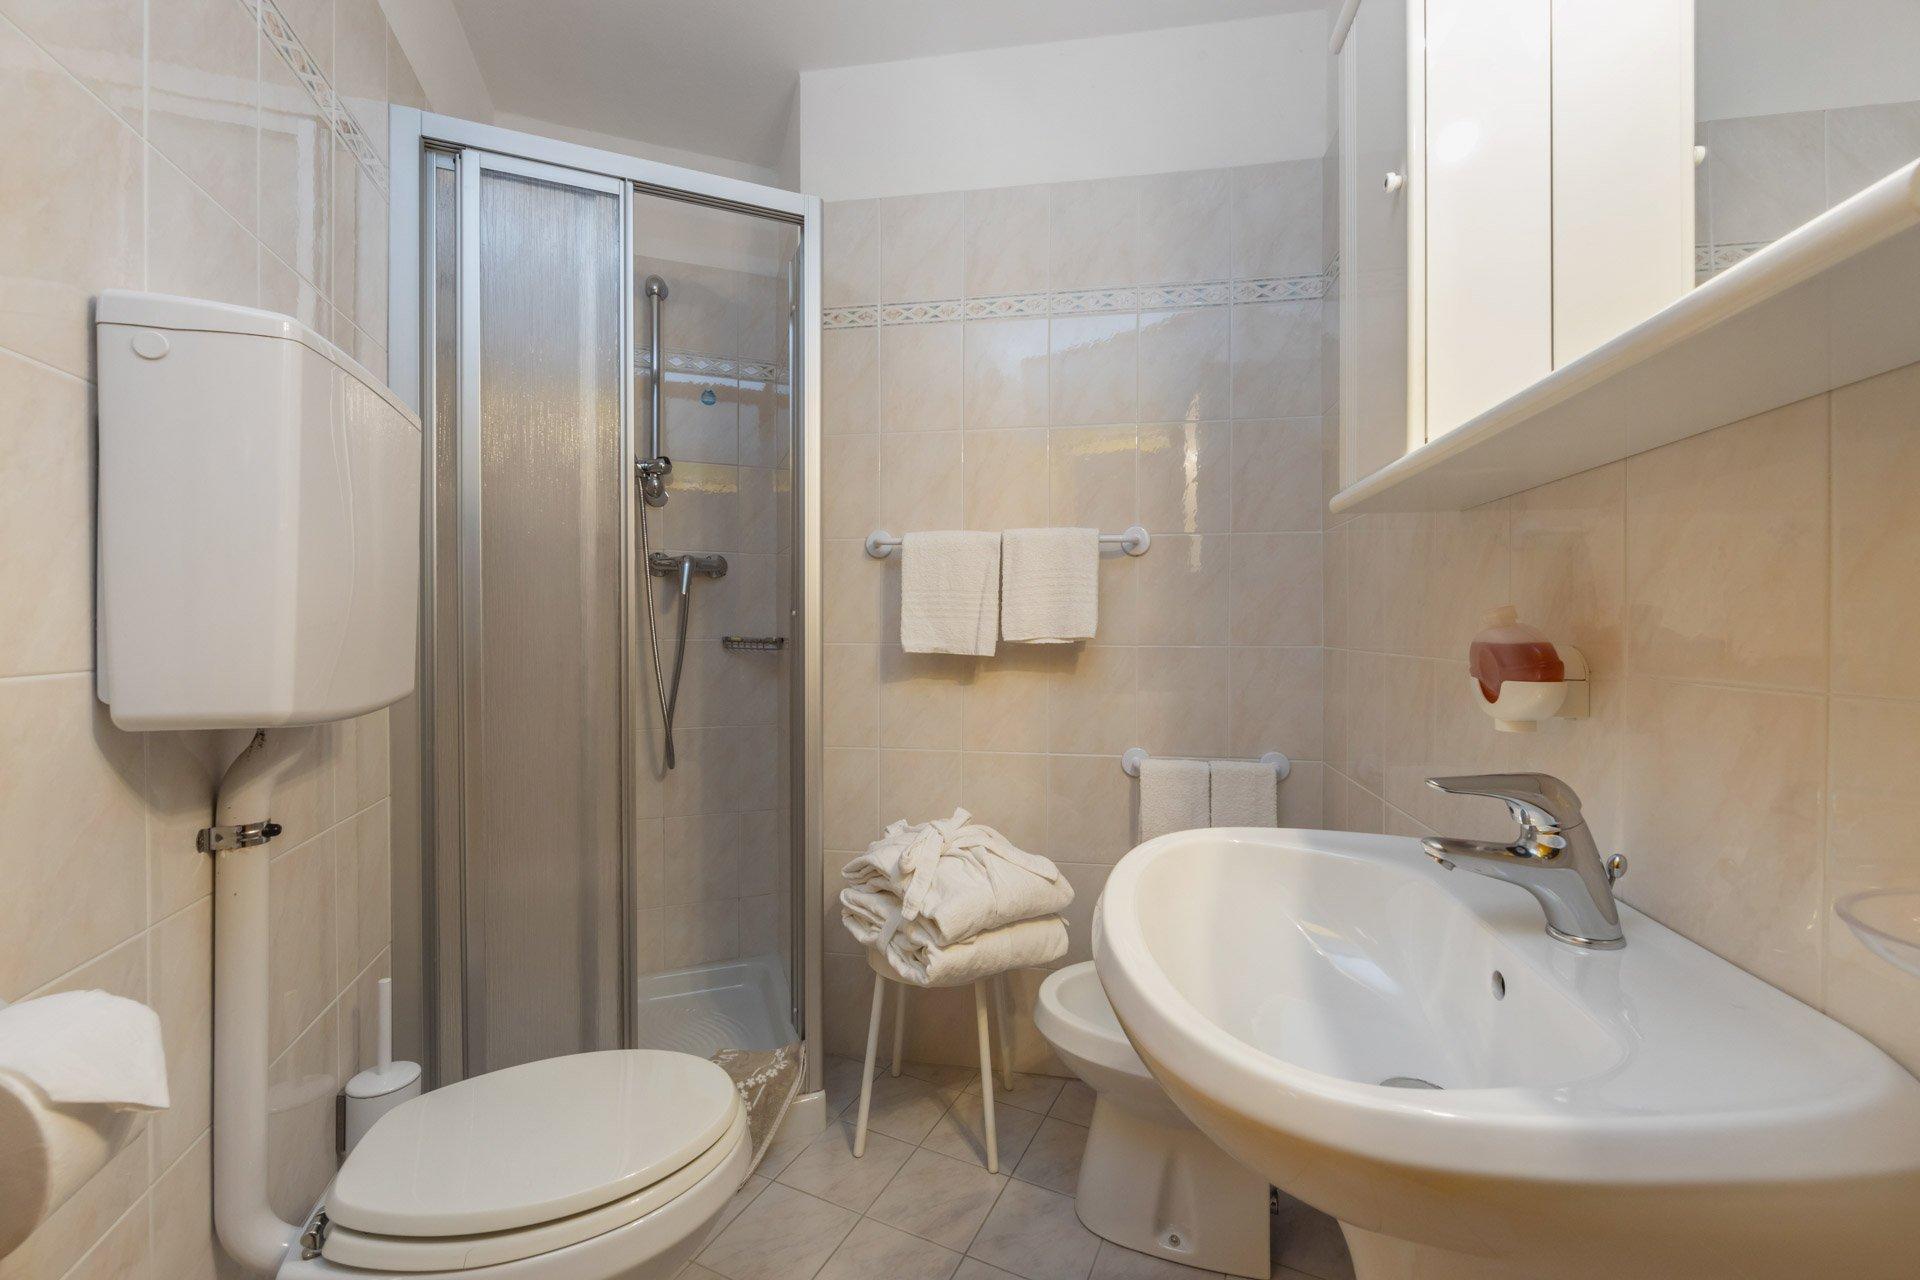 hotel-vicino-molveno-e-terme-di-comano-miravalle-cucina-tipica-con-piscina-112